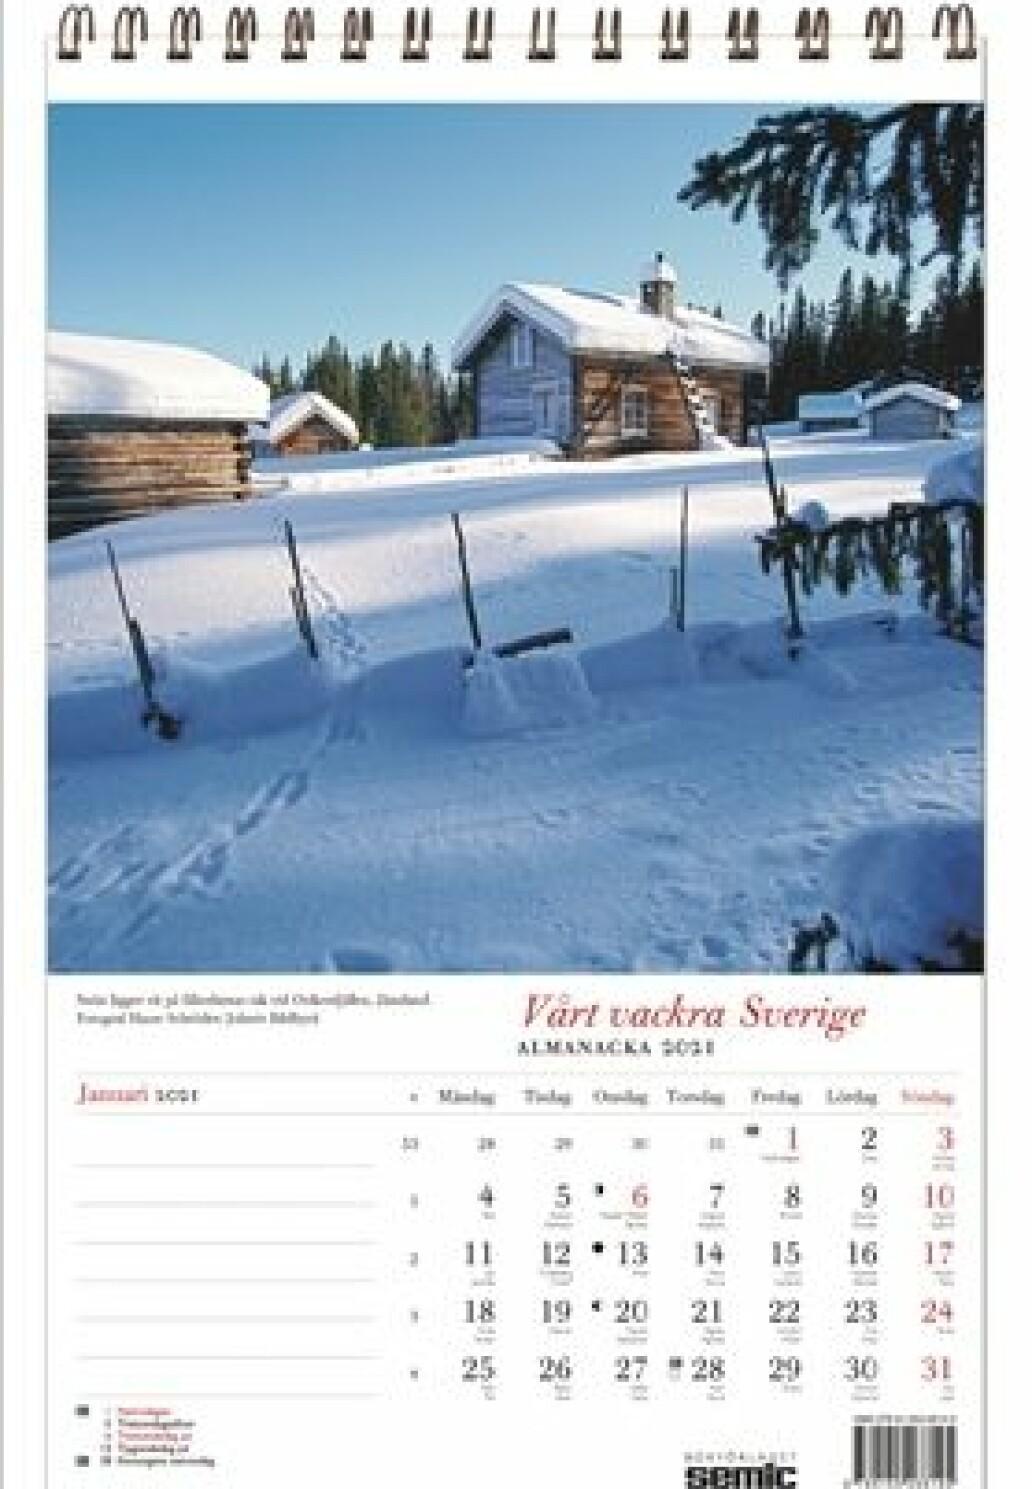 Sverige almanacka 2021